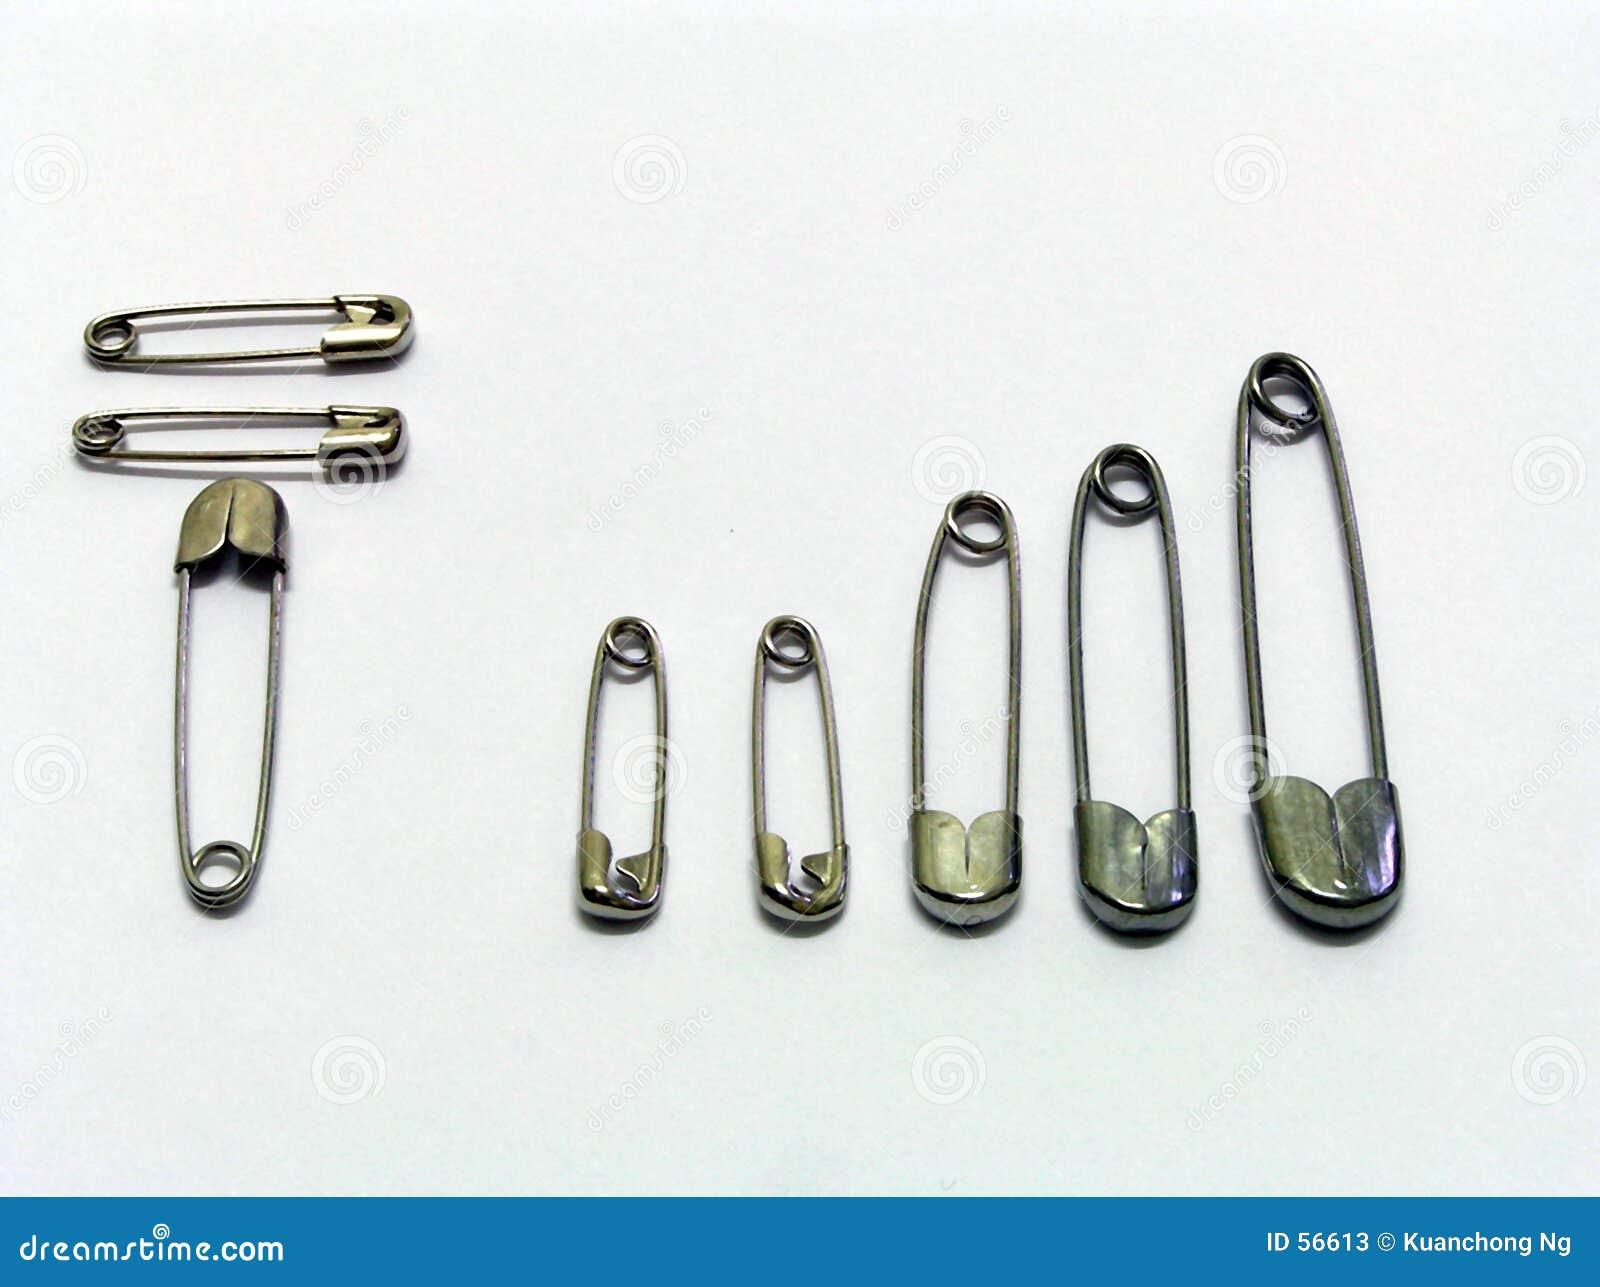 Pinos de segurança - conexão cheia da barra